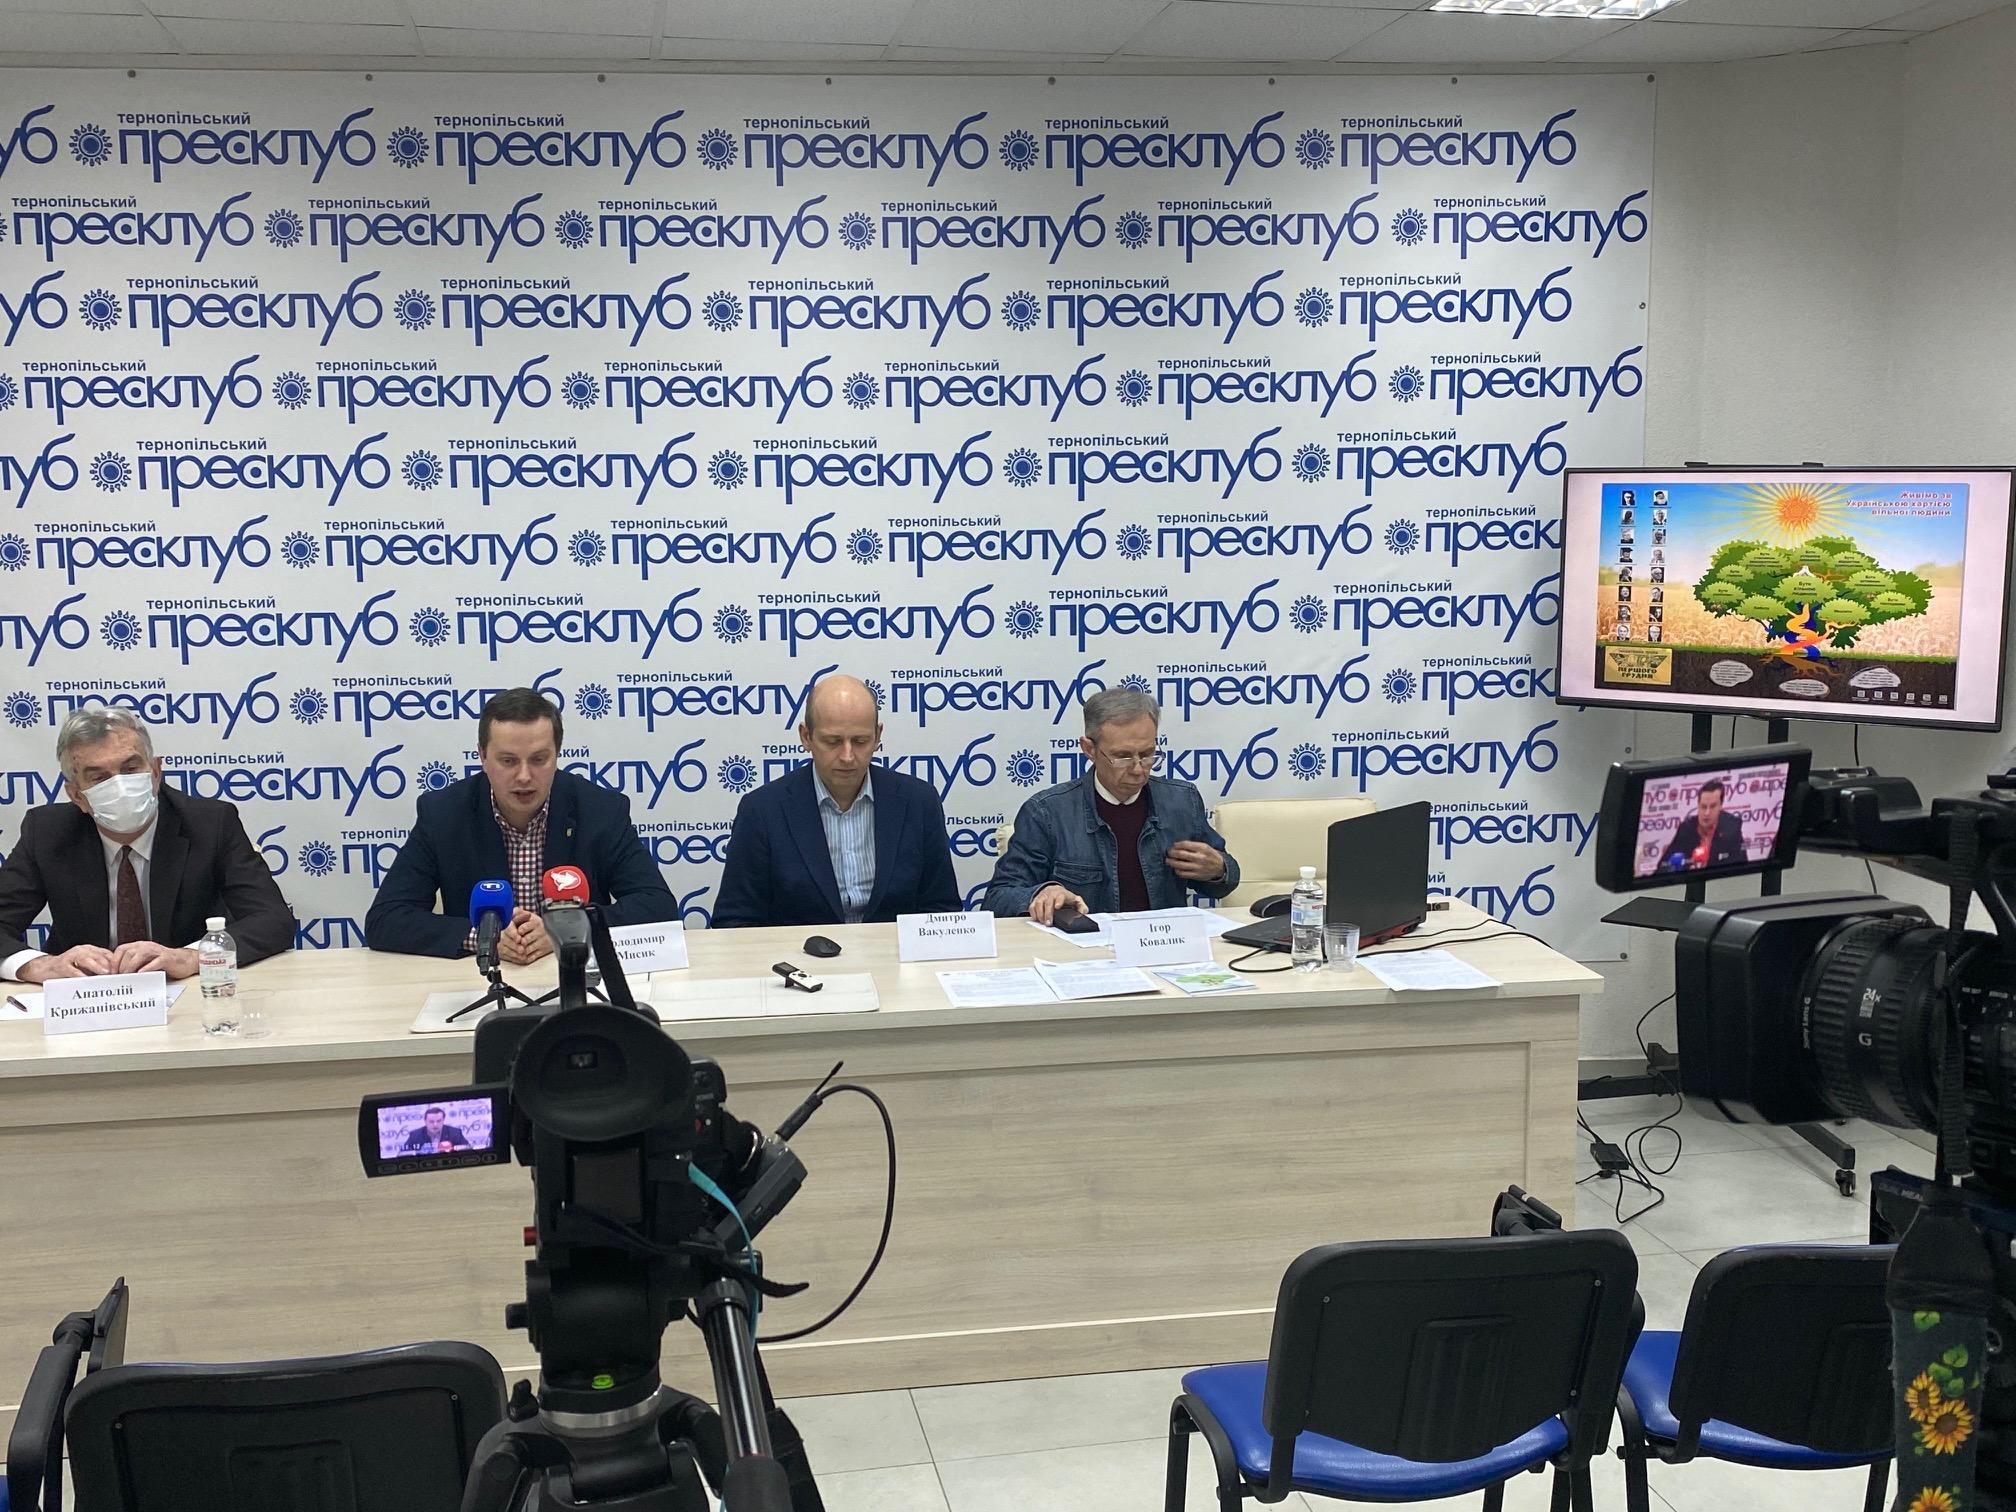 Пресконференція за підсумками реалізації обласної програми впровадження Української Хартії вільної людини в навчальних закладах Тернопільської області